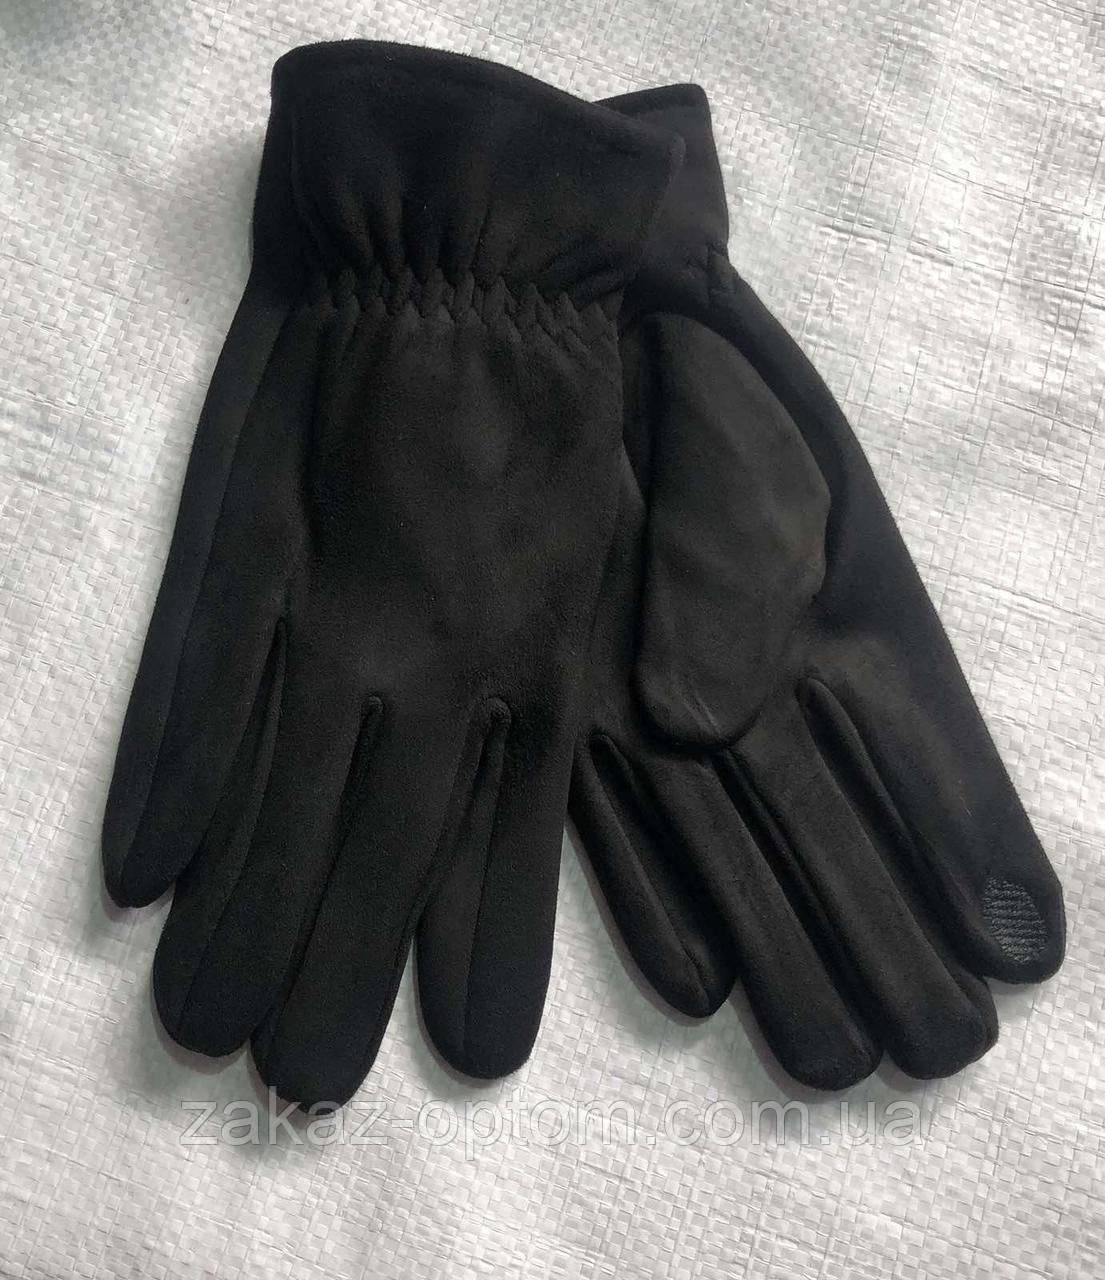 Перчатки мужские сенсор оптом внутри начес (10-12)Китай-63095